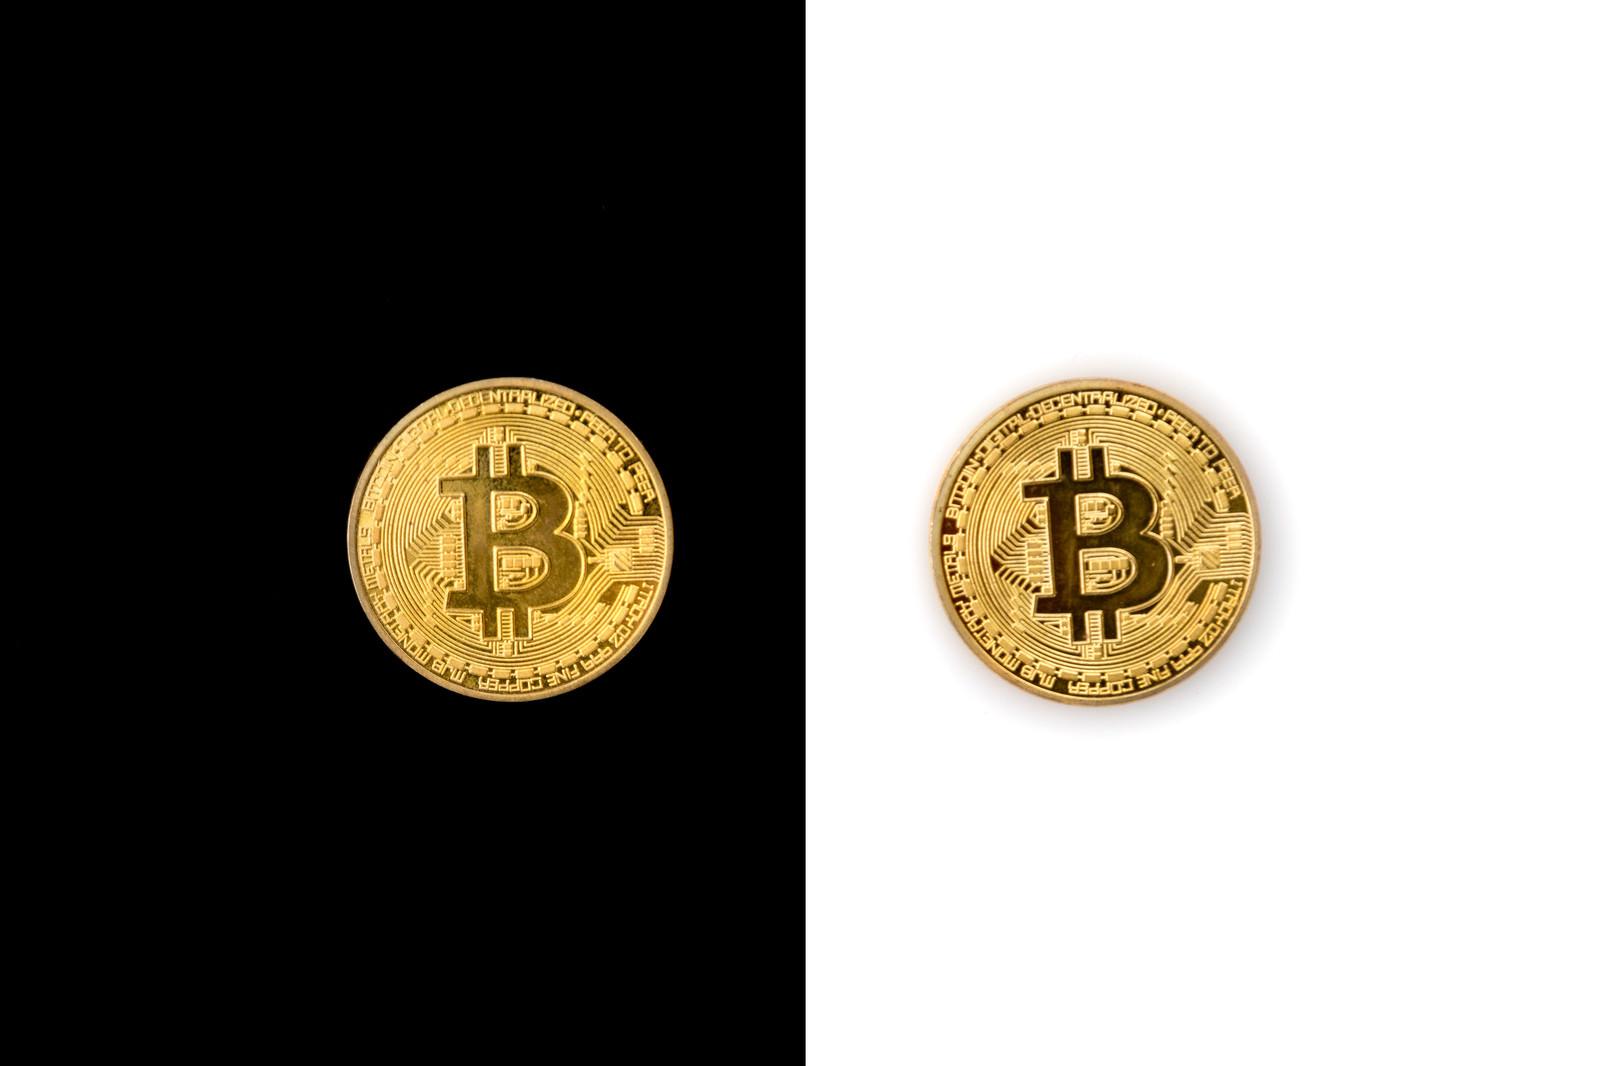 分裂したビットコインのフリー素材